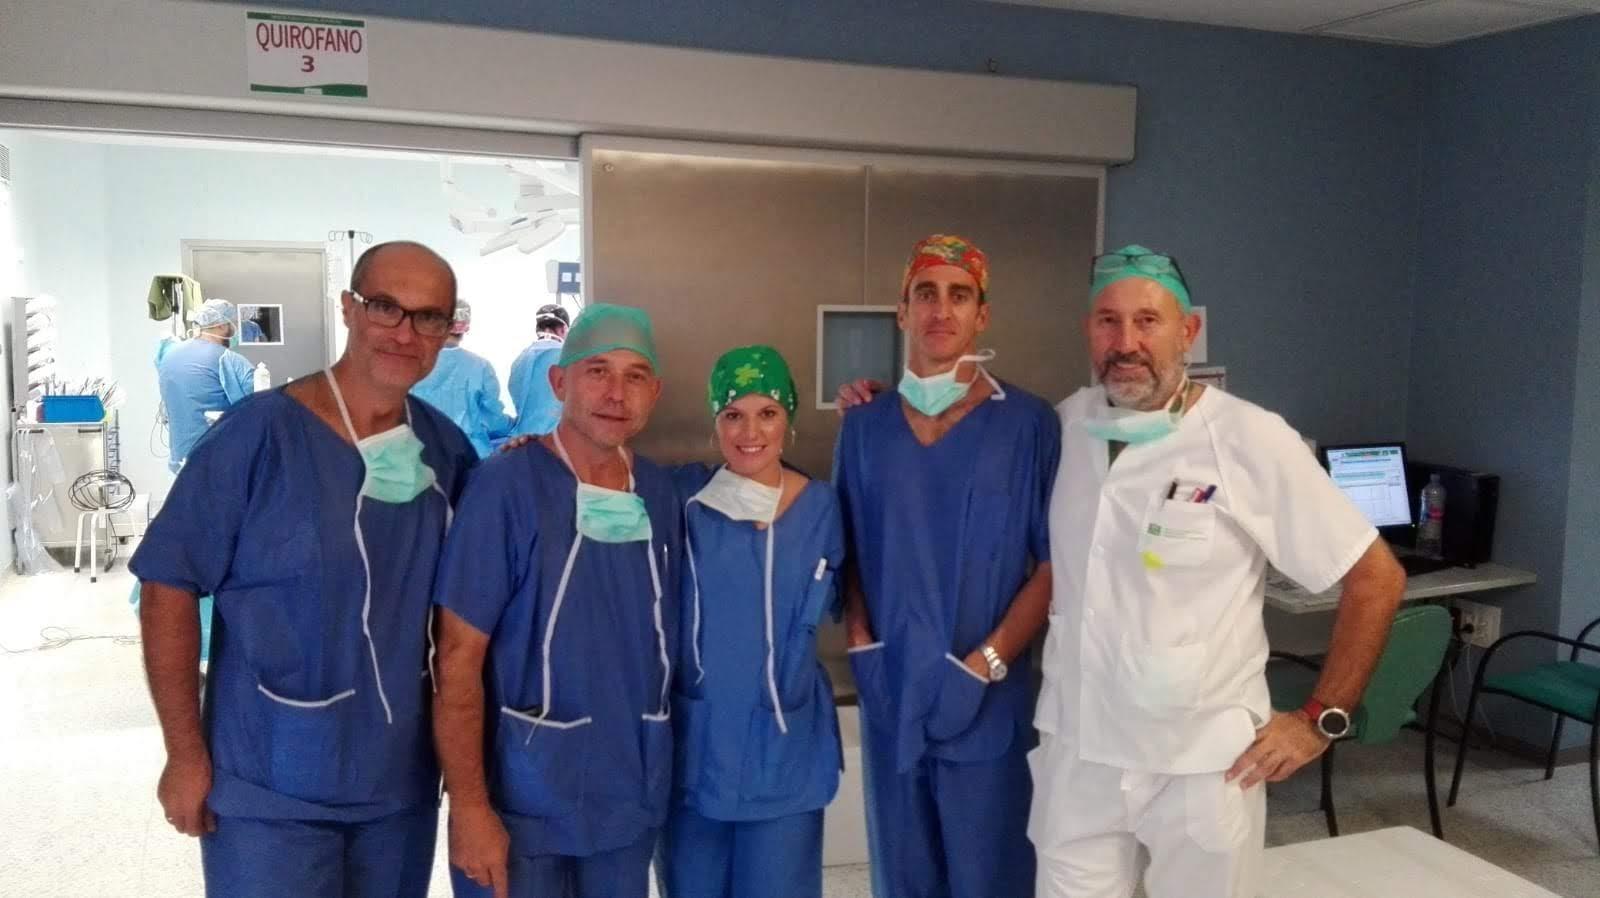 Realizada con éxito en Málaga la primera donación pulmonar de un donante en parada cardio-respiratoria controlada